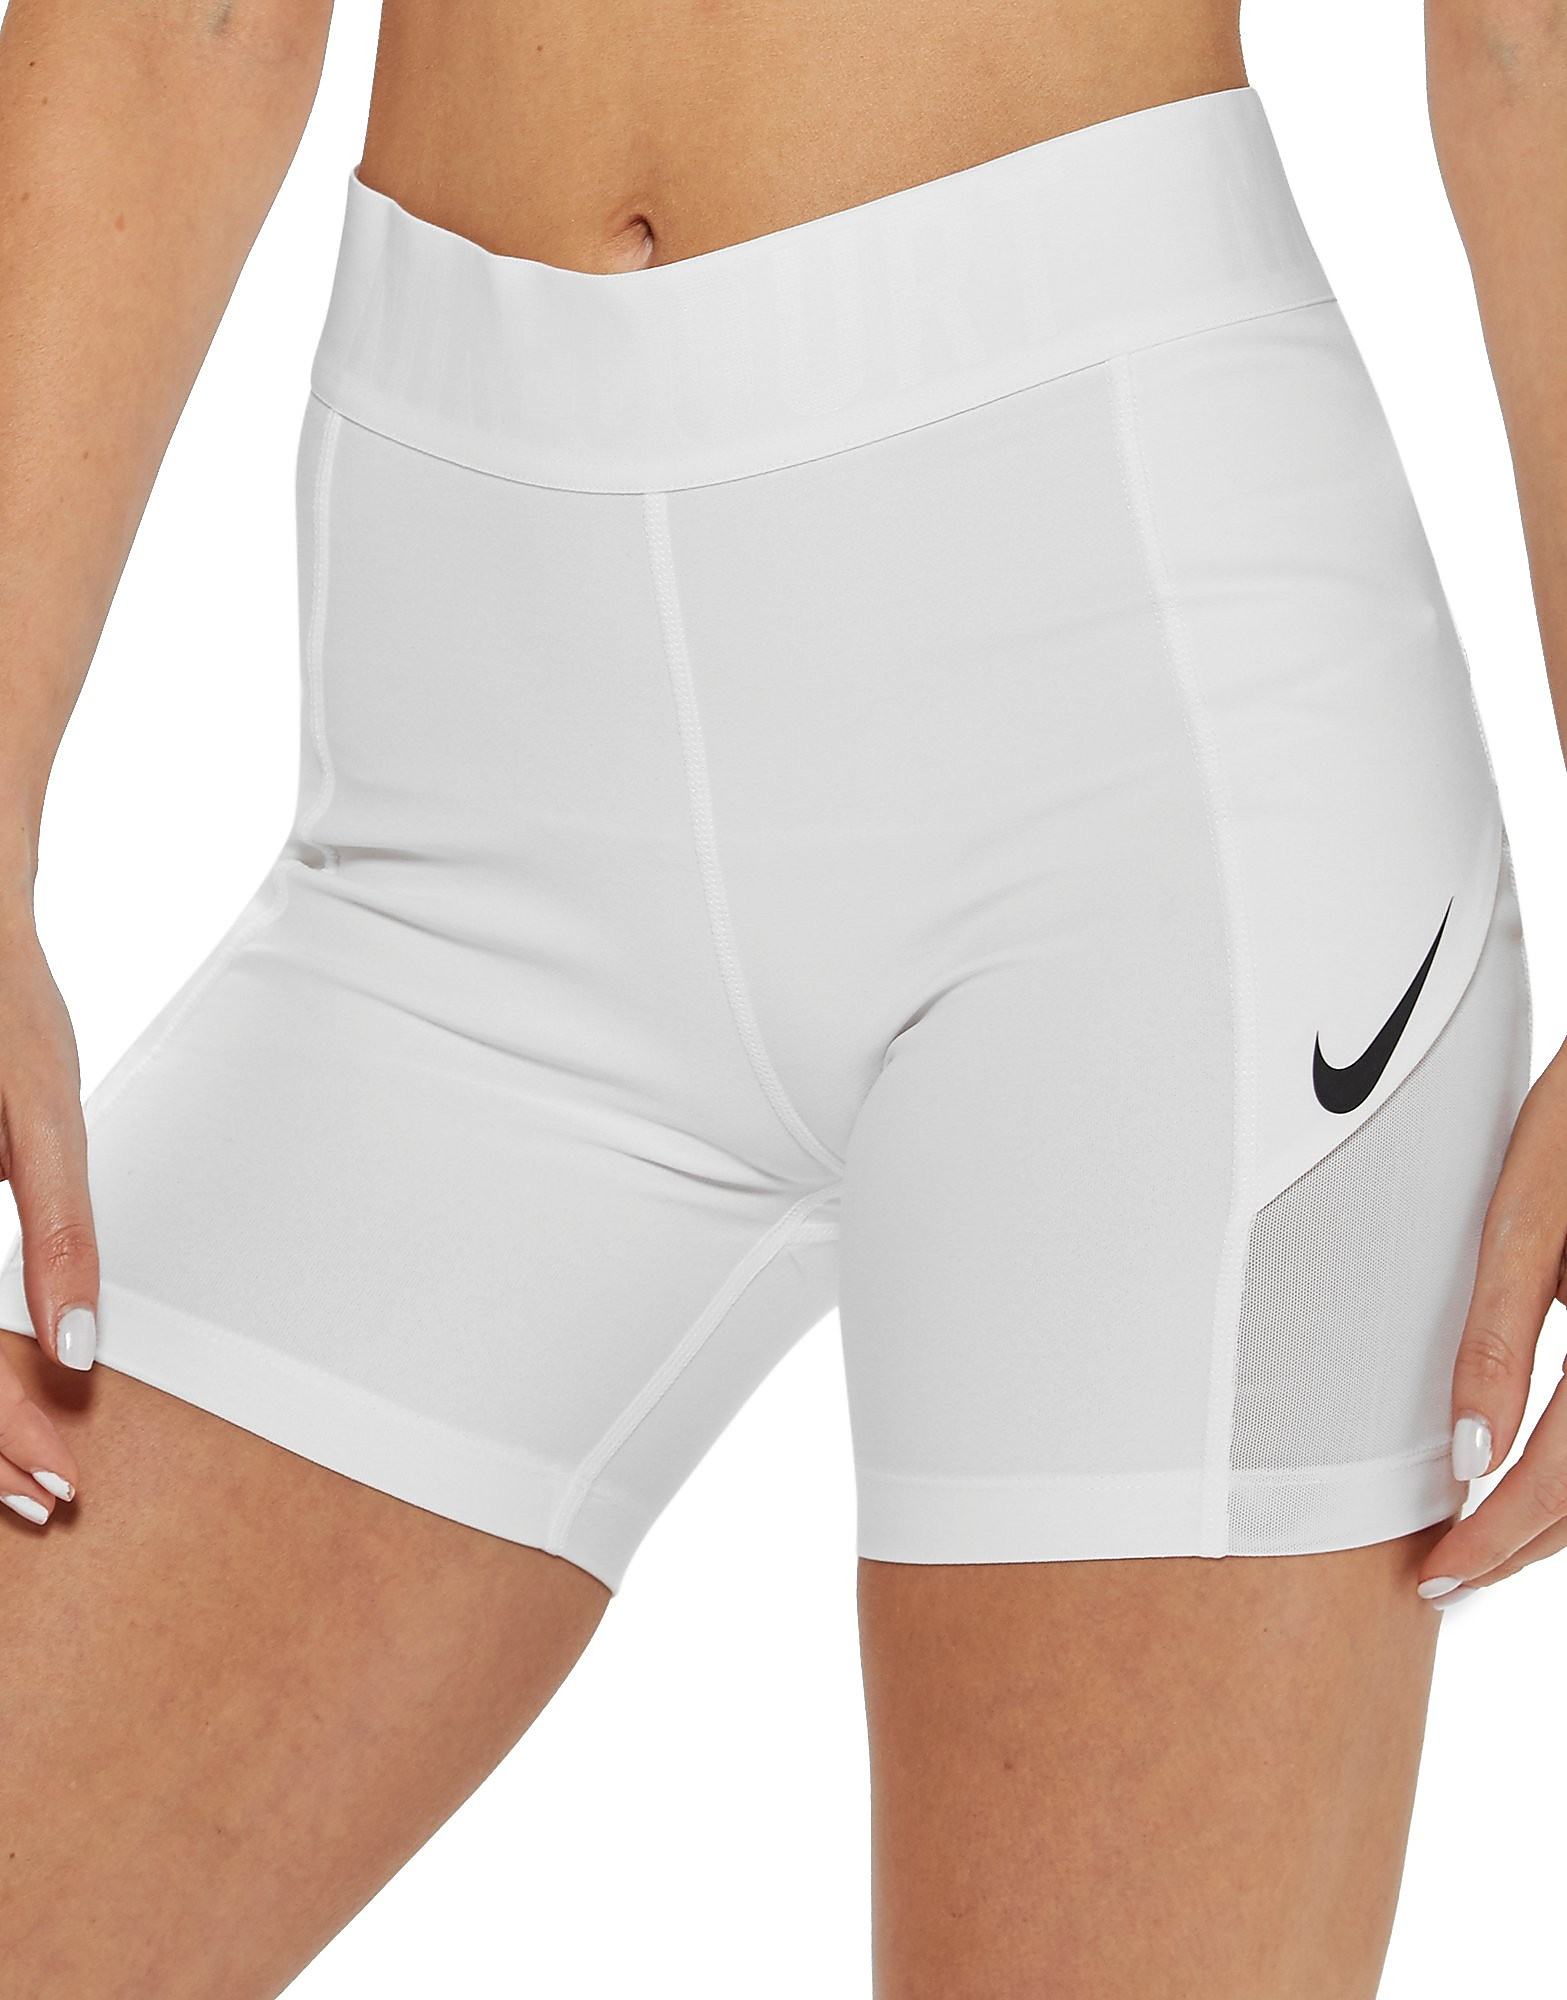 Nike Women's Court Power Tennis Shorts